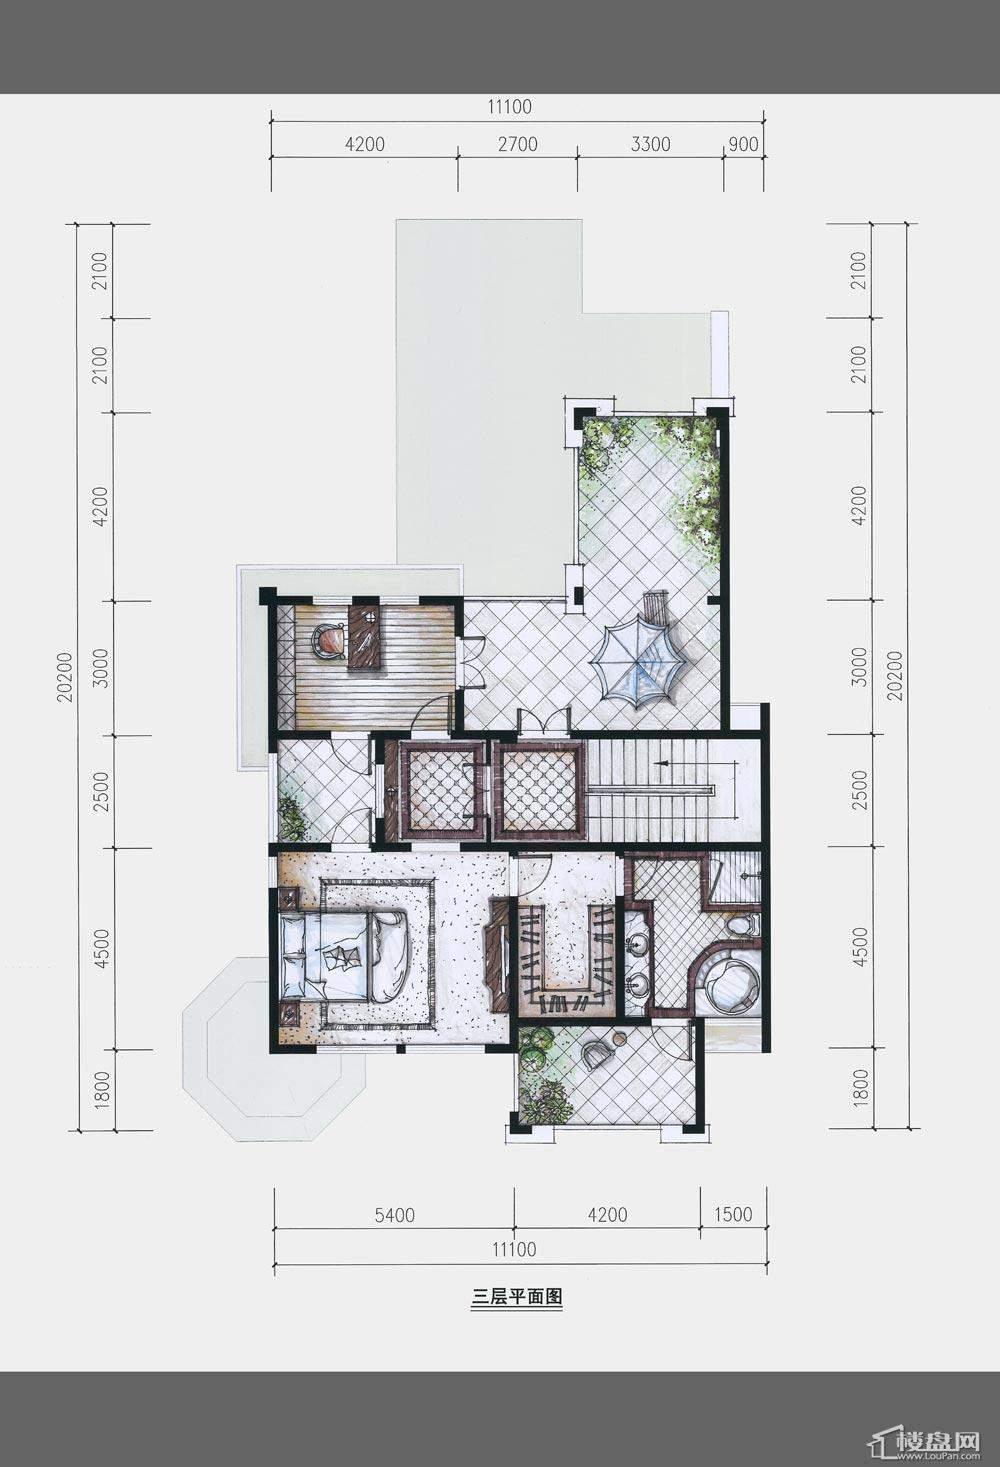 卢浮原著三层平面图户型图